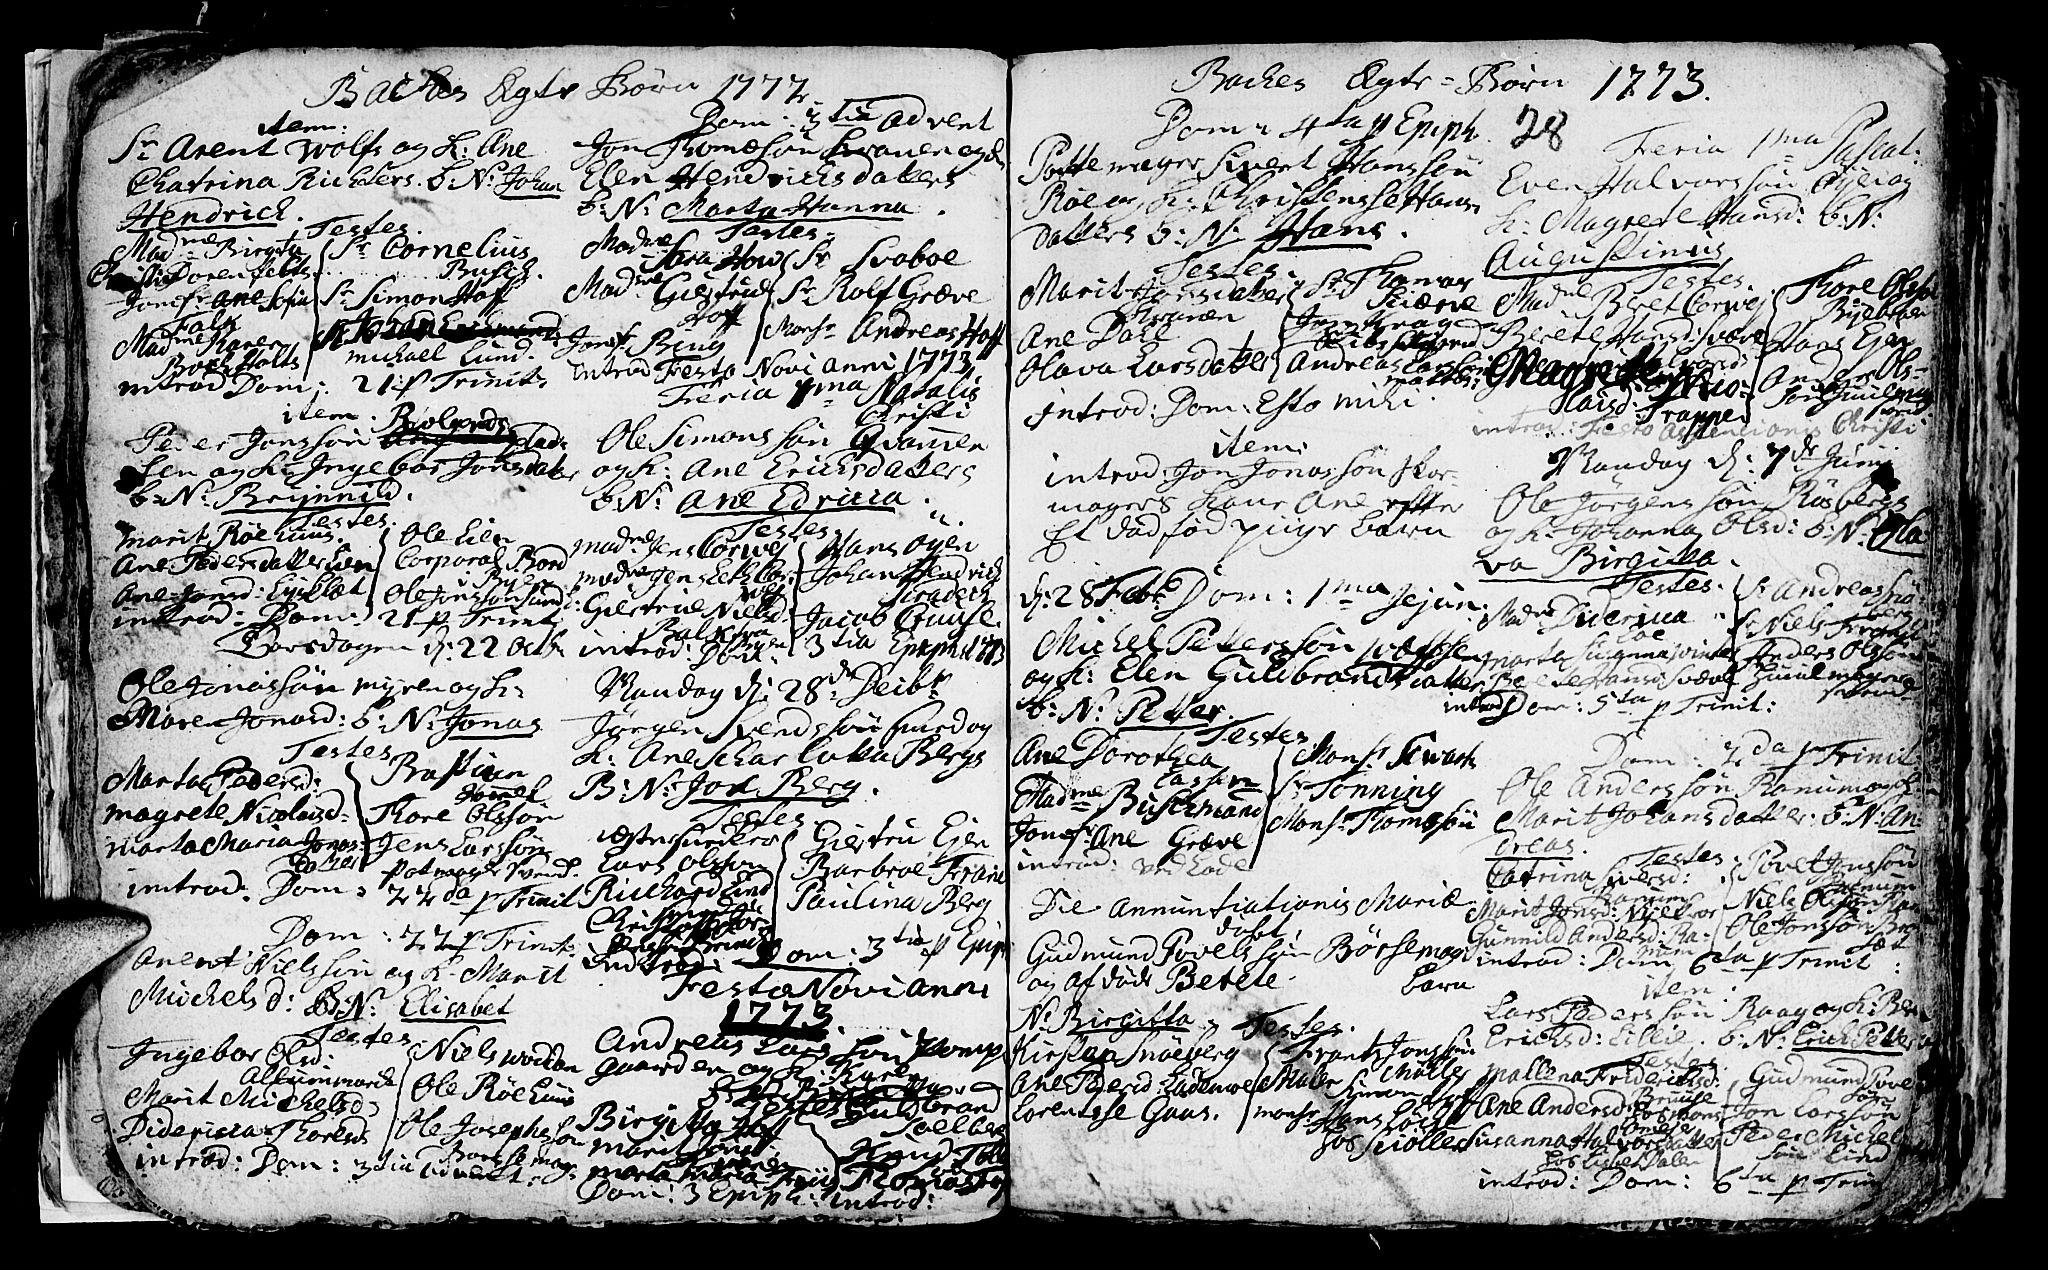 SAT, Ministerialprotokoller, klokkerbøker og fødselsregistre - Sør-Trøndelag, 604/L0218: Klokkerbok nr. 604C01, 1754-1819, s. 28